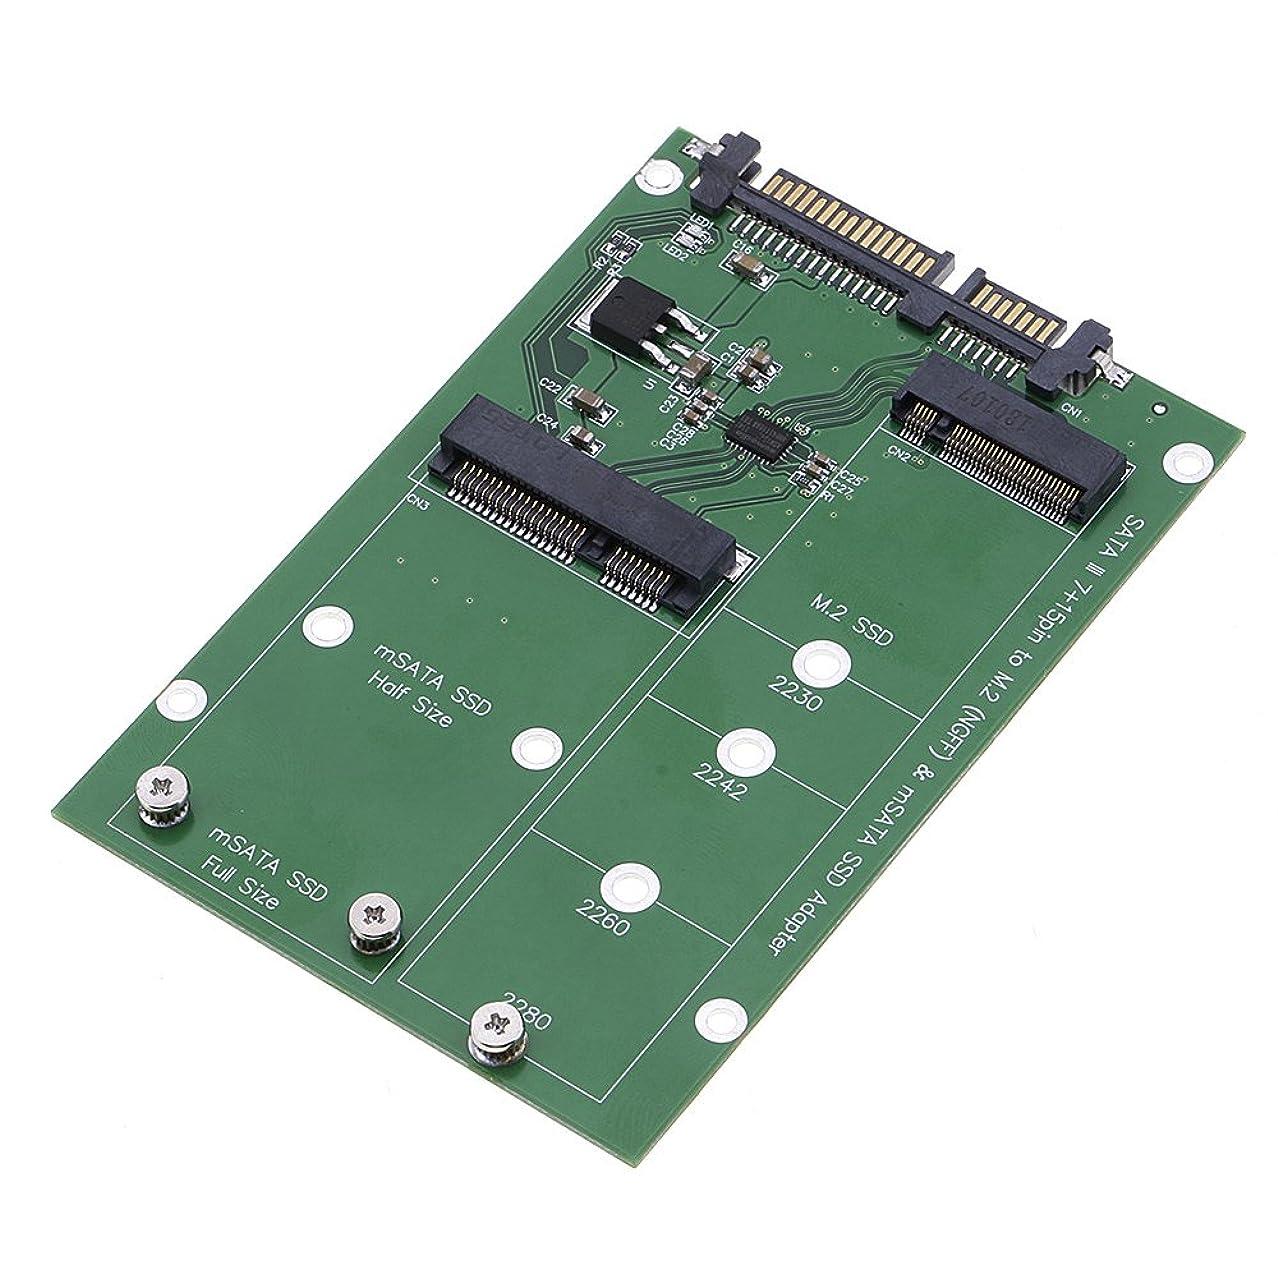 製作灰珍味M.2 NGFF/mSATA SSDからSATA3 mSATAソリッドステートハードディスク変換アダプタカード